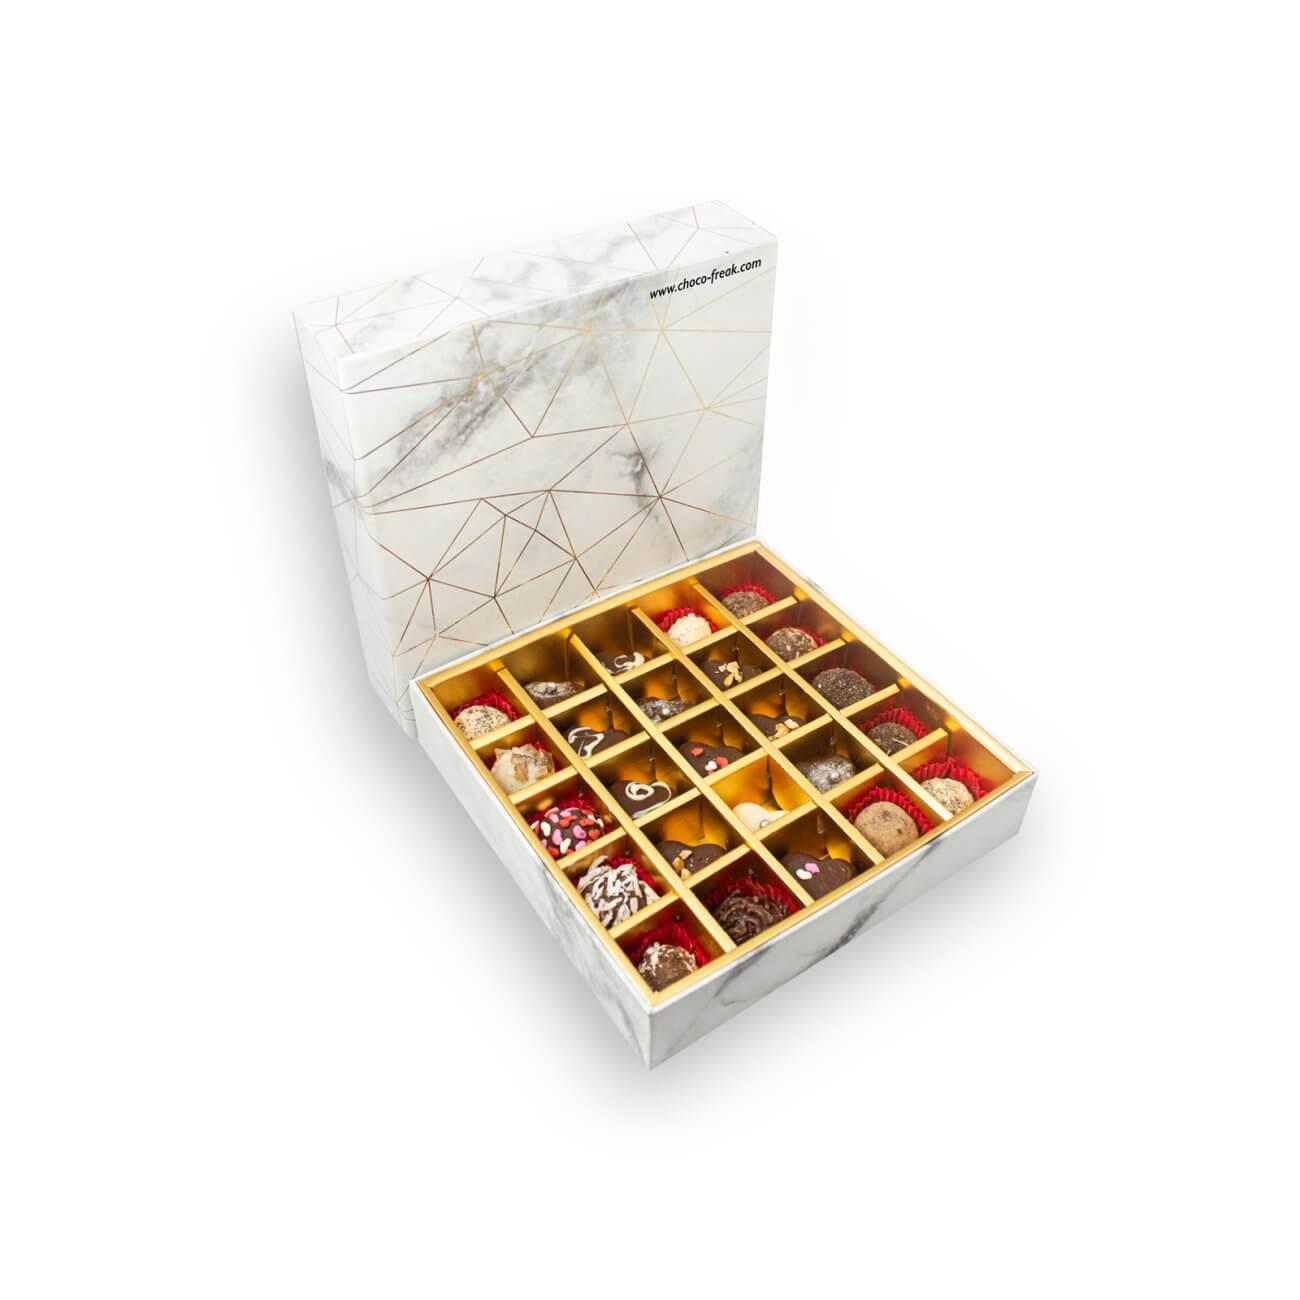 Regalos por el día de la mujer en Quito Guayaquil Ecuador. Caja de regalo con 25 trufas de chocolate gourmet